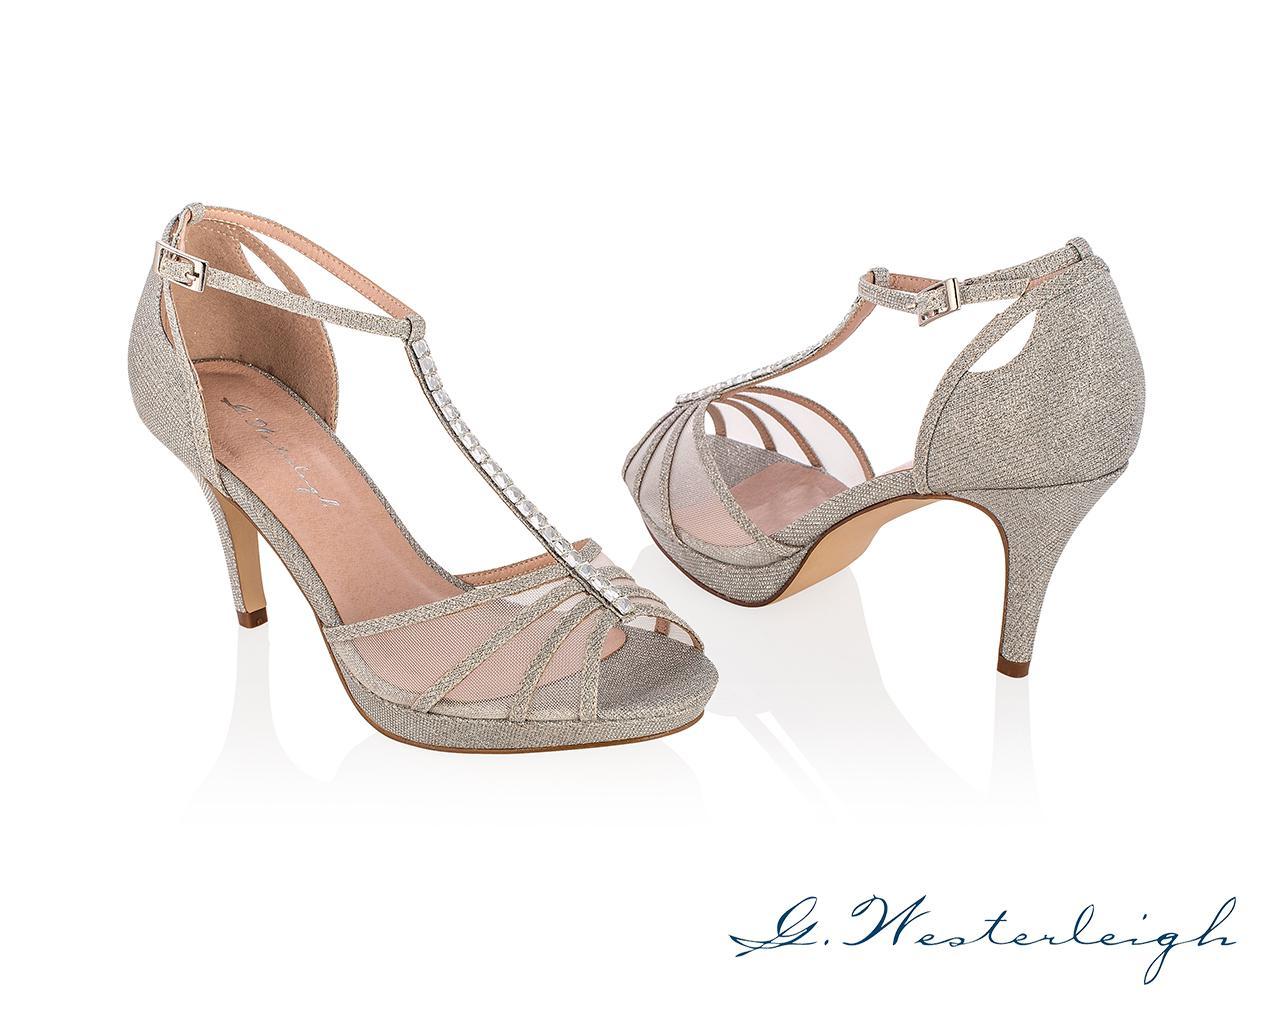 d37c898b2ae15 Spoločenské topánky almeria, 39 - 69,90 € | Svadobné shopy | Mojasvadba.sk